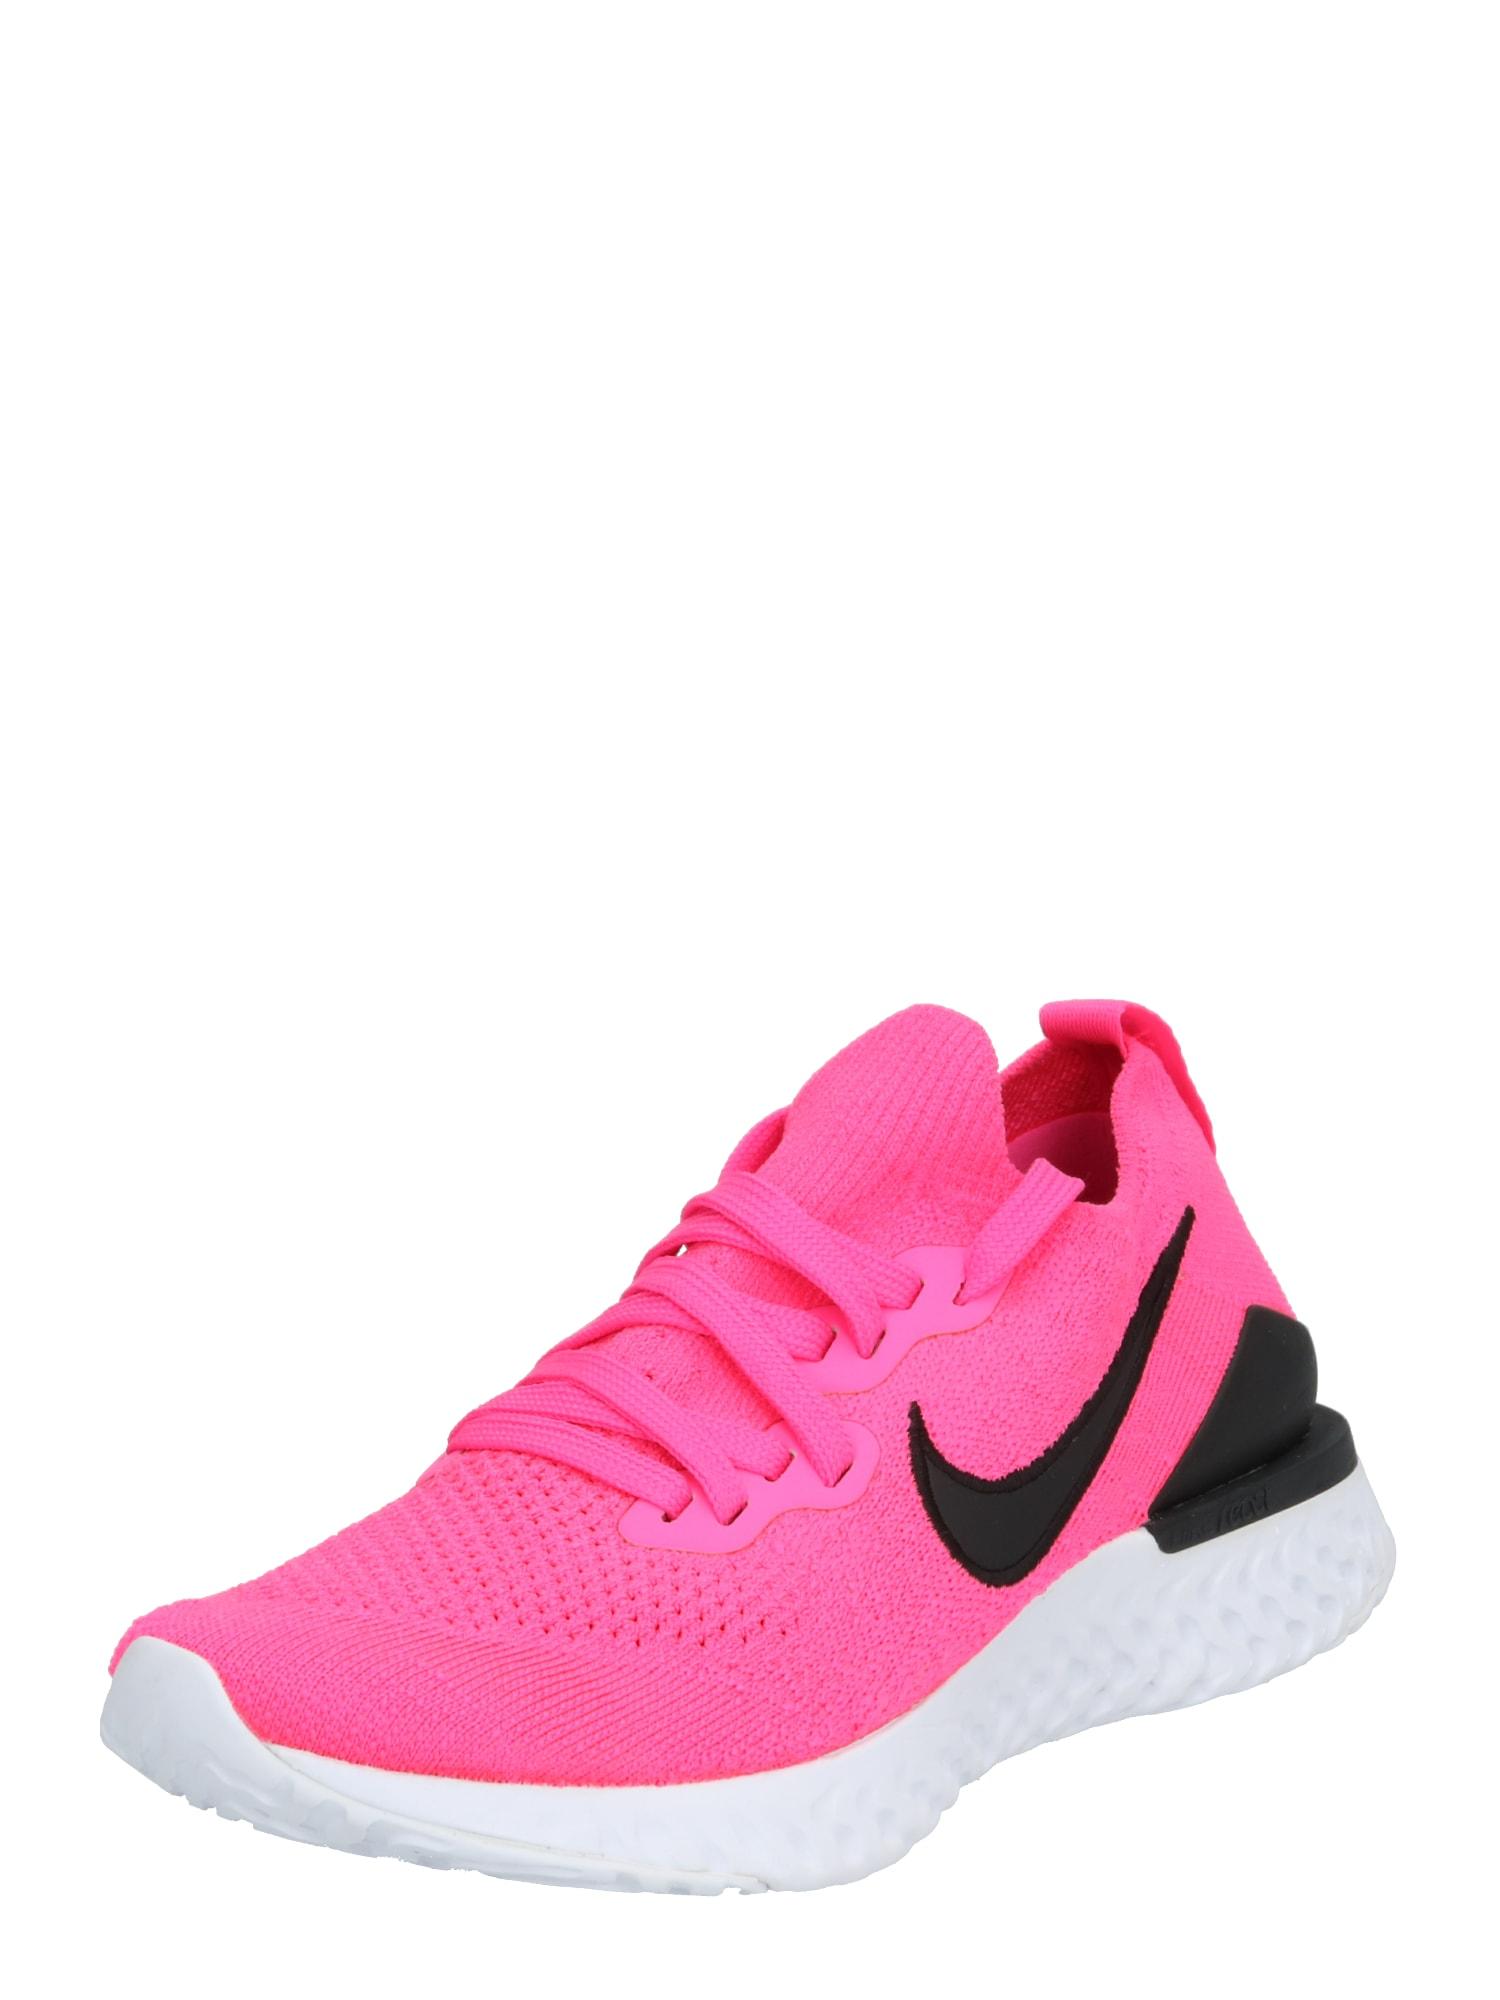 Laufschuhe 'Epic React Flyknit 2' | Schuhe > Sportschuhe > Laufschuhe | Nike